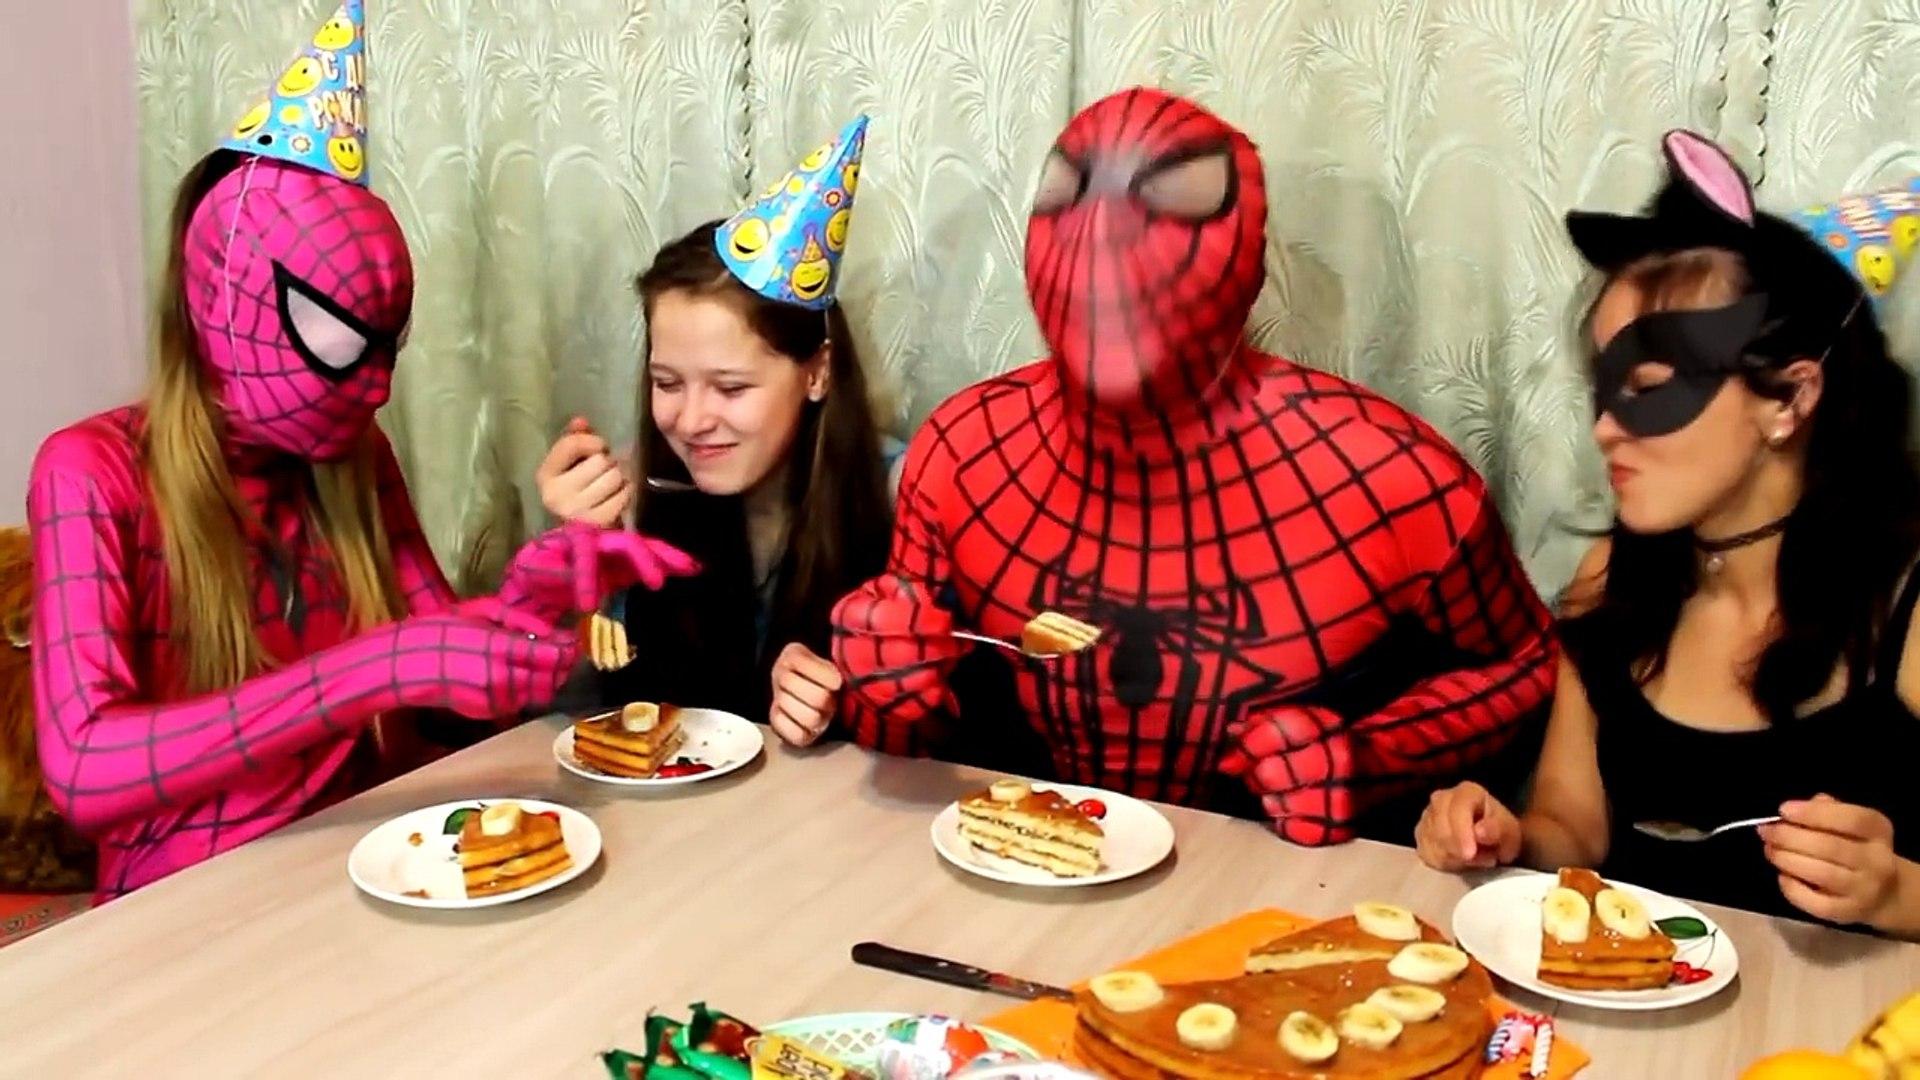 День рождения Паука // Супергерои празднуют день рождения // Happy birthday Spiderman